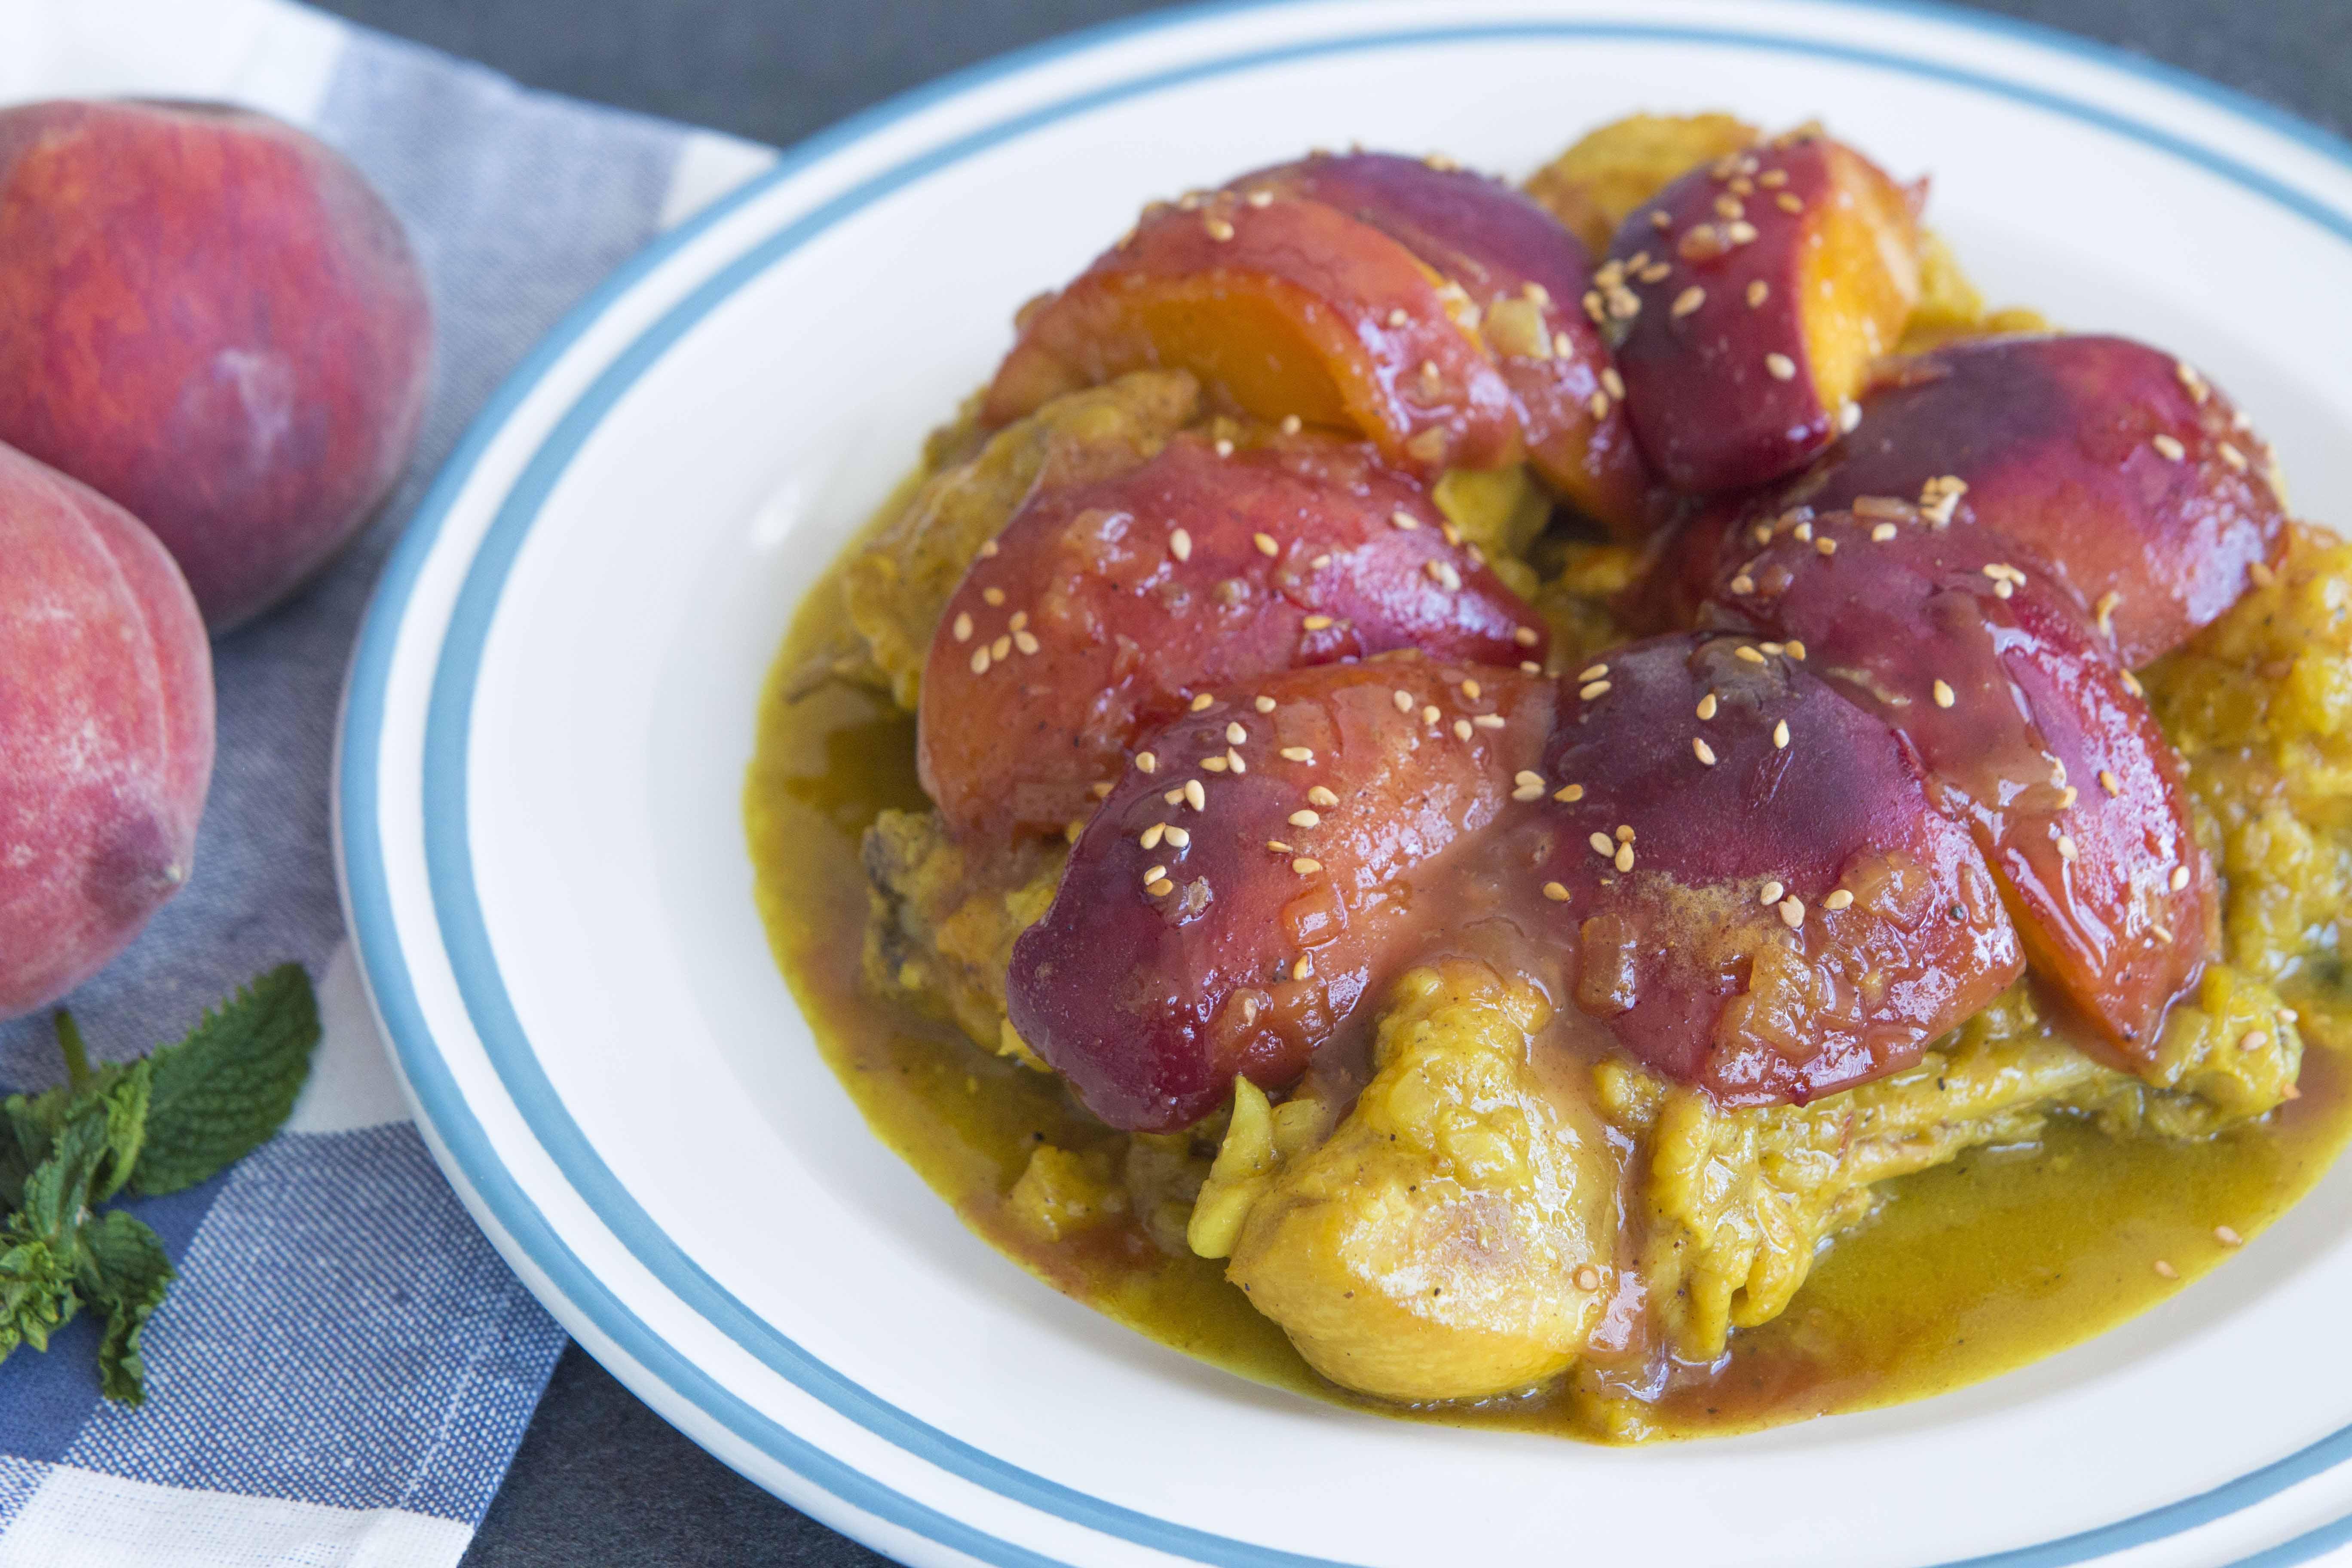 685- Tajine aux Pêches Caramélisées / Caramelized Peaches Tagine